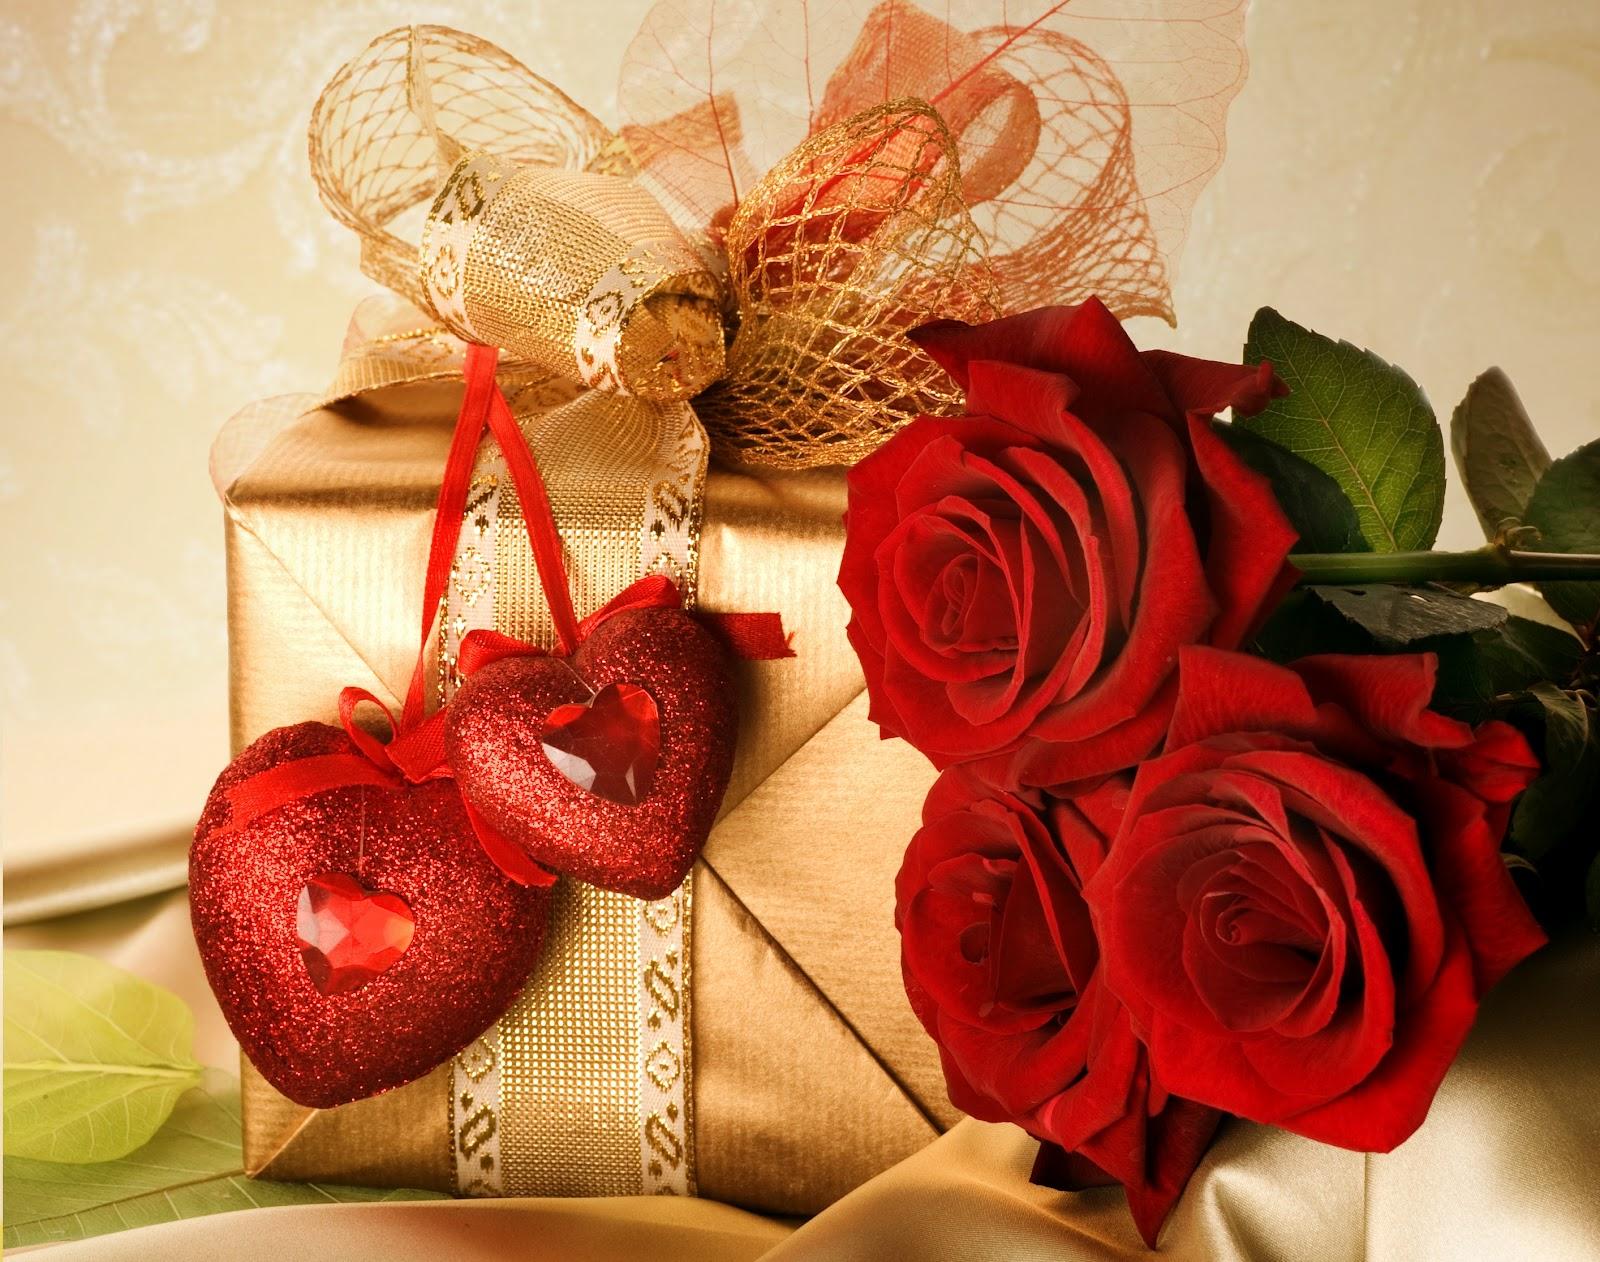 Beauty flower gift and love flower wallpaper love heart roses gift flower wallpaper izmirmasajfo